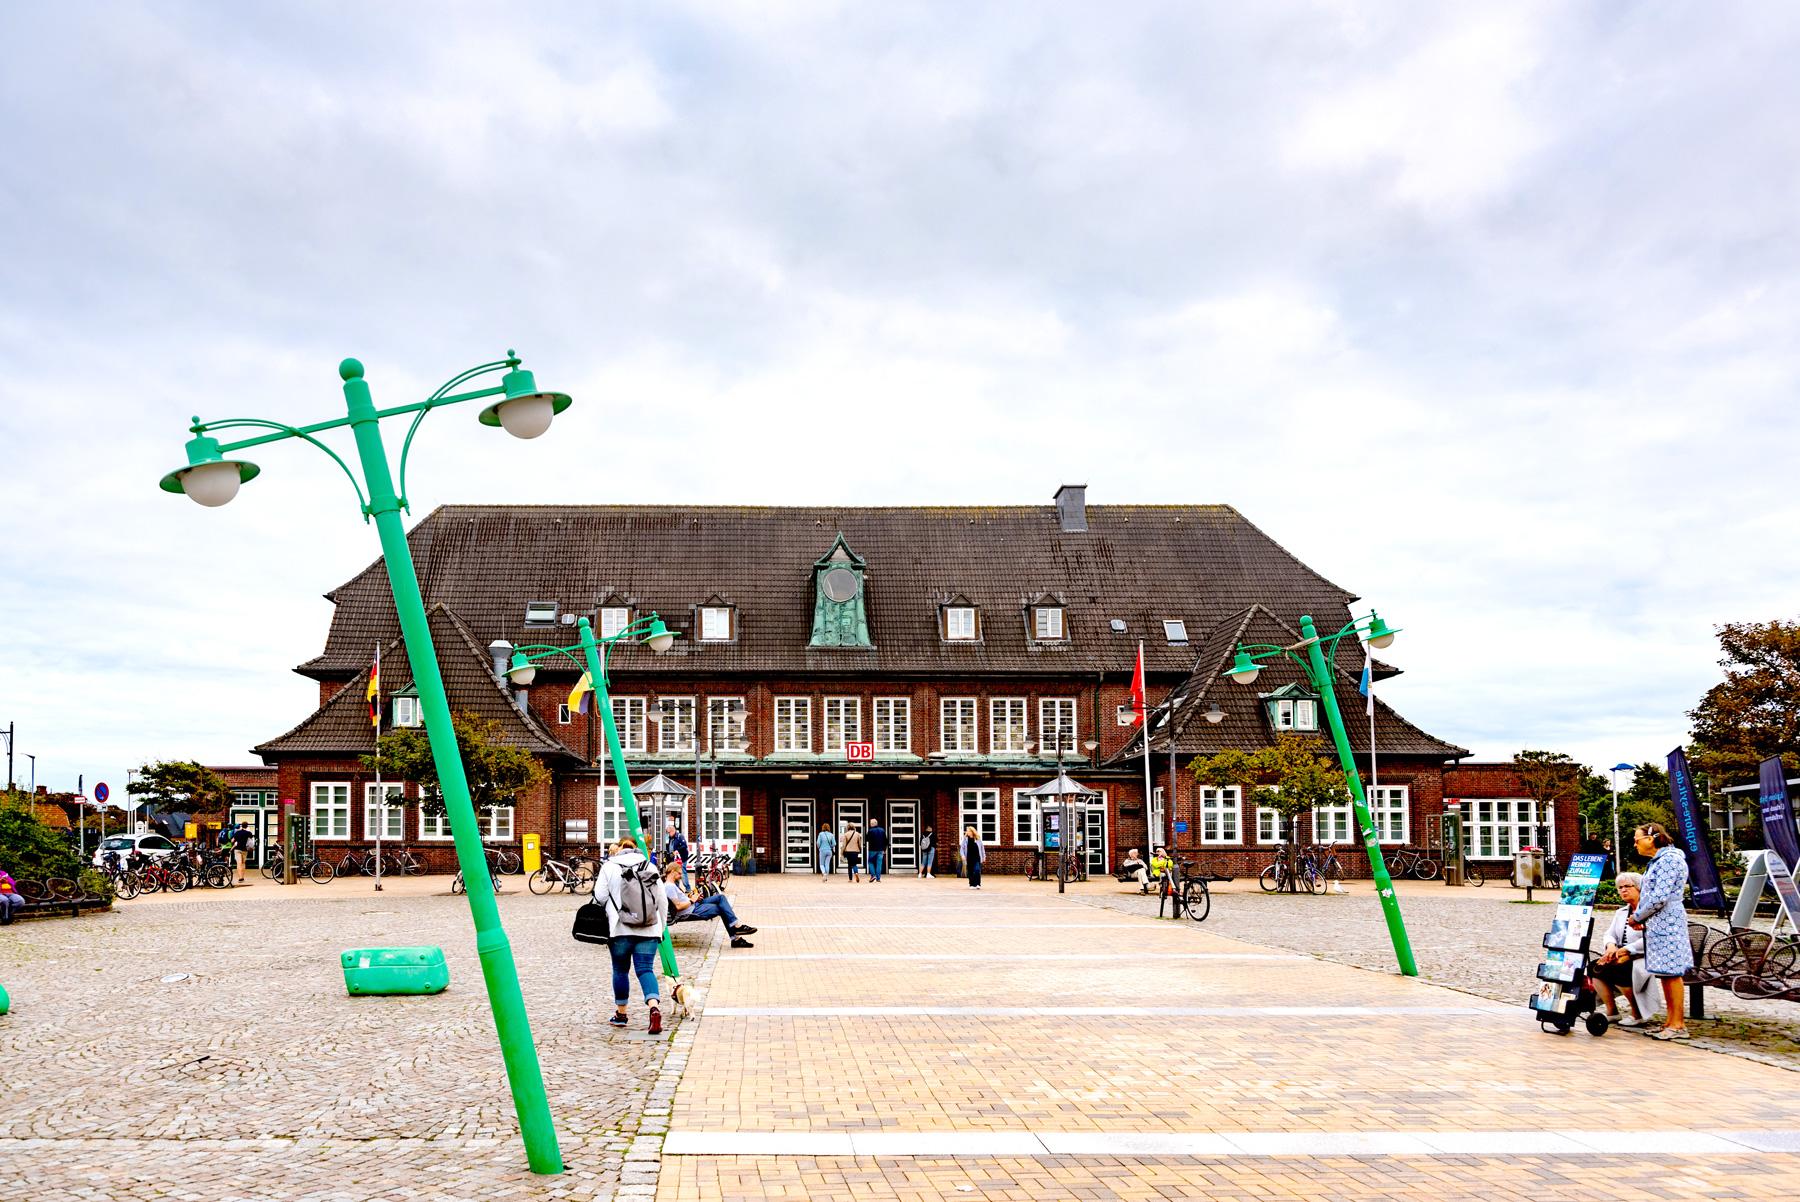 Bahnhof in Westerland auf Sylt